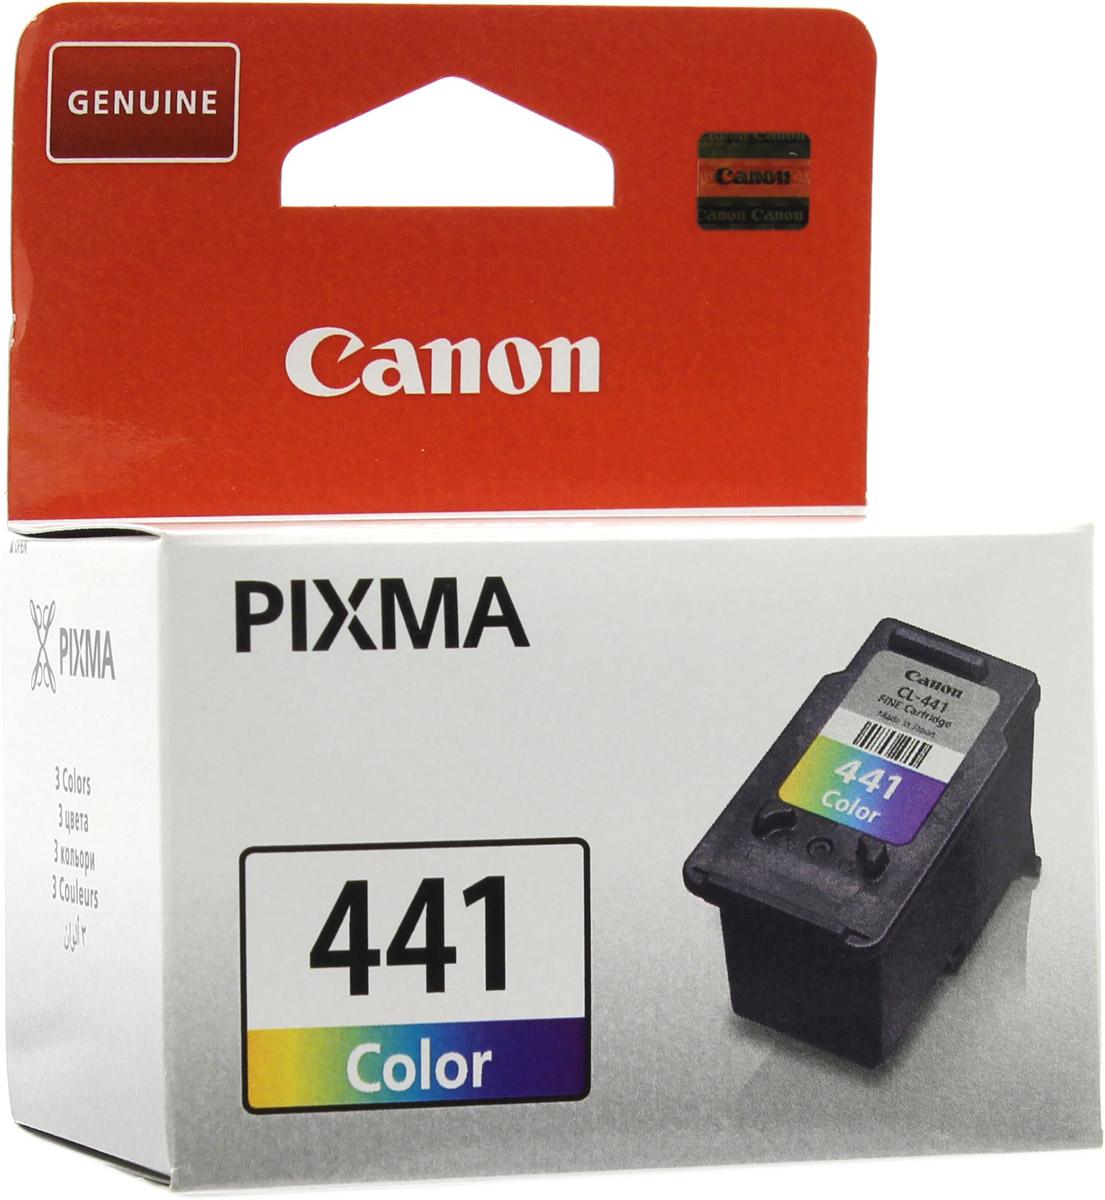 Canon CL-441CMY цветной картридж для струйных МФУ/принтеров